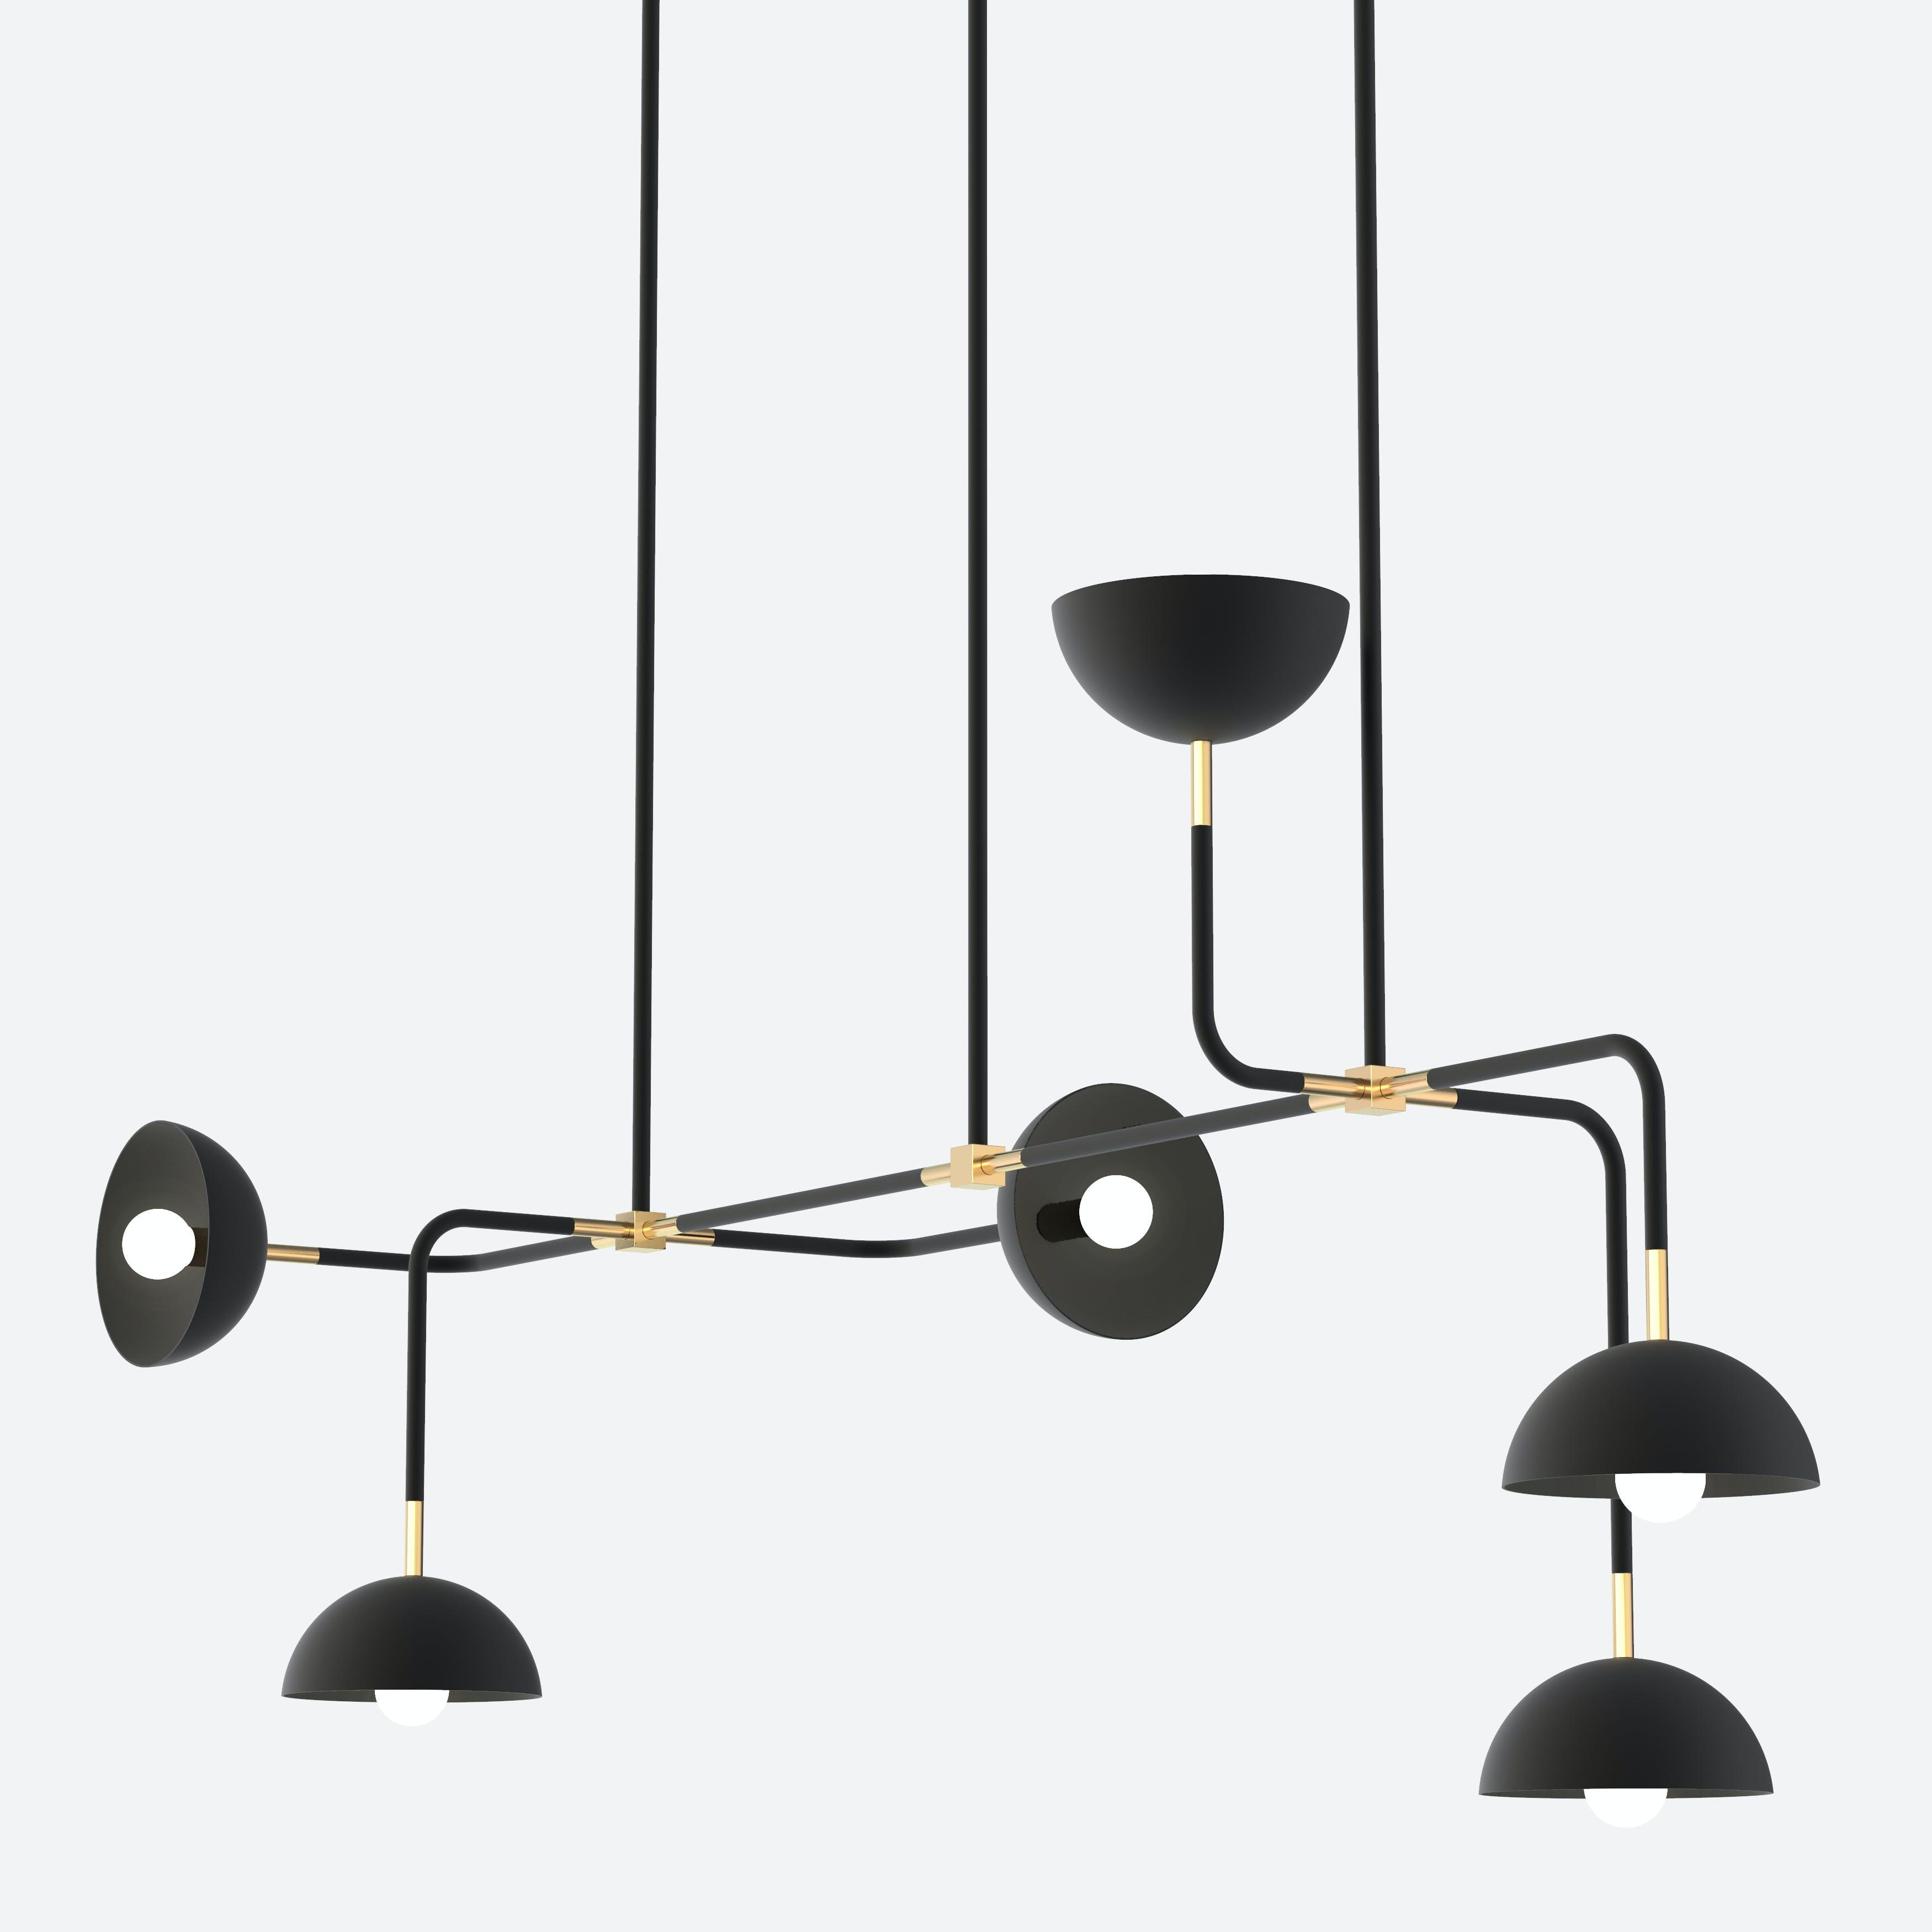 lambert & fils beaubien 08 hanging chandelier haute living